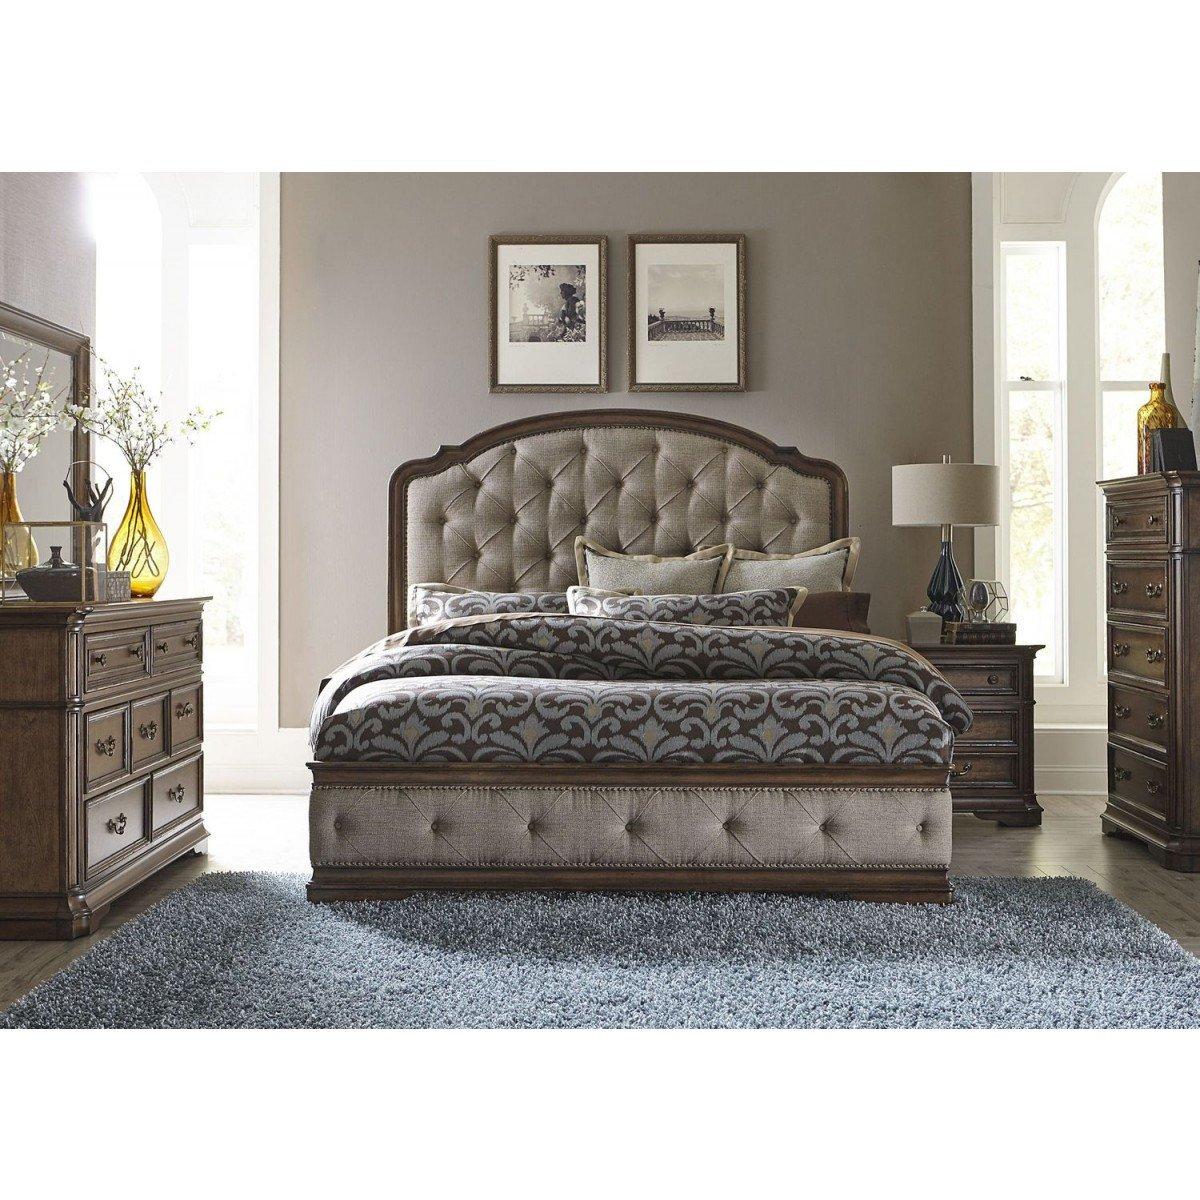 Tufted King Bedroom Set Elegant Liberty Furniture Amelia King Upholstered Bedroom Set 487 Br Kub